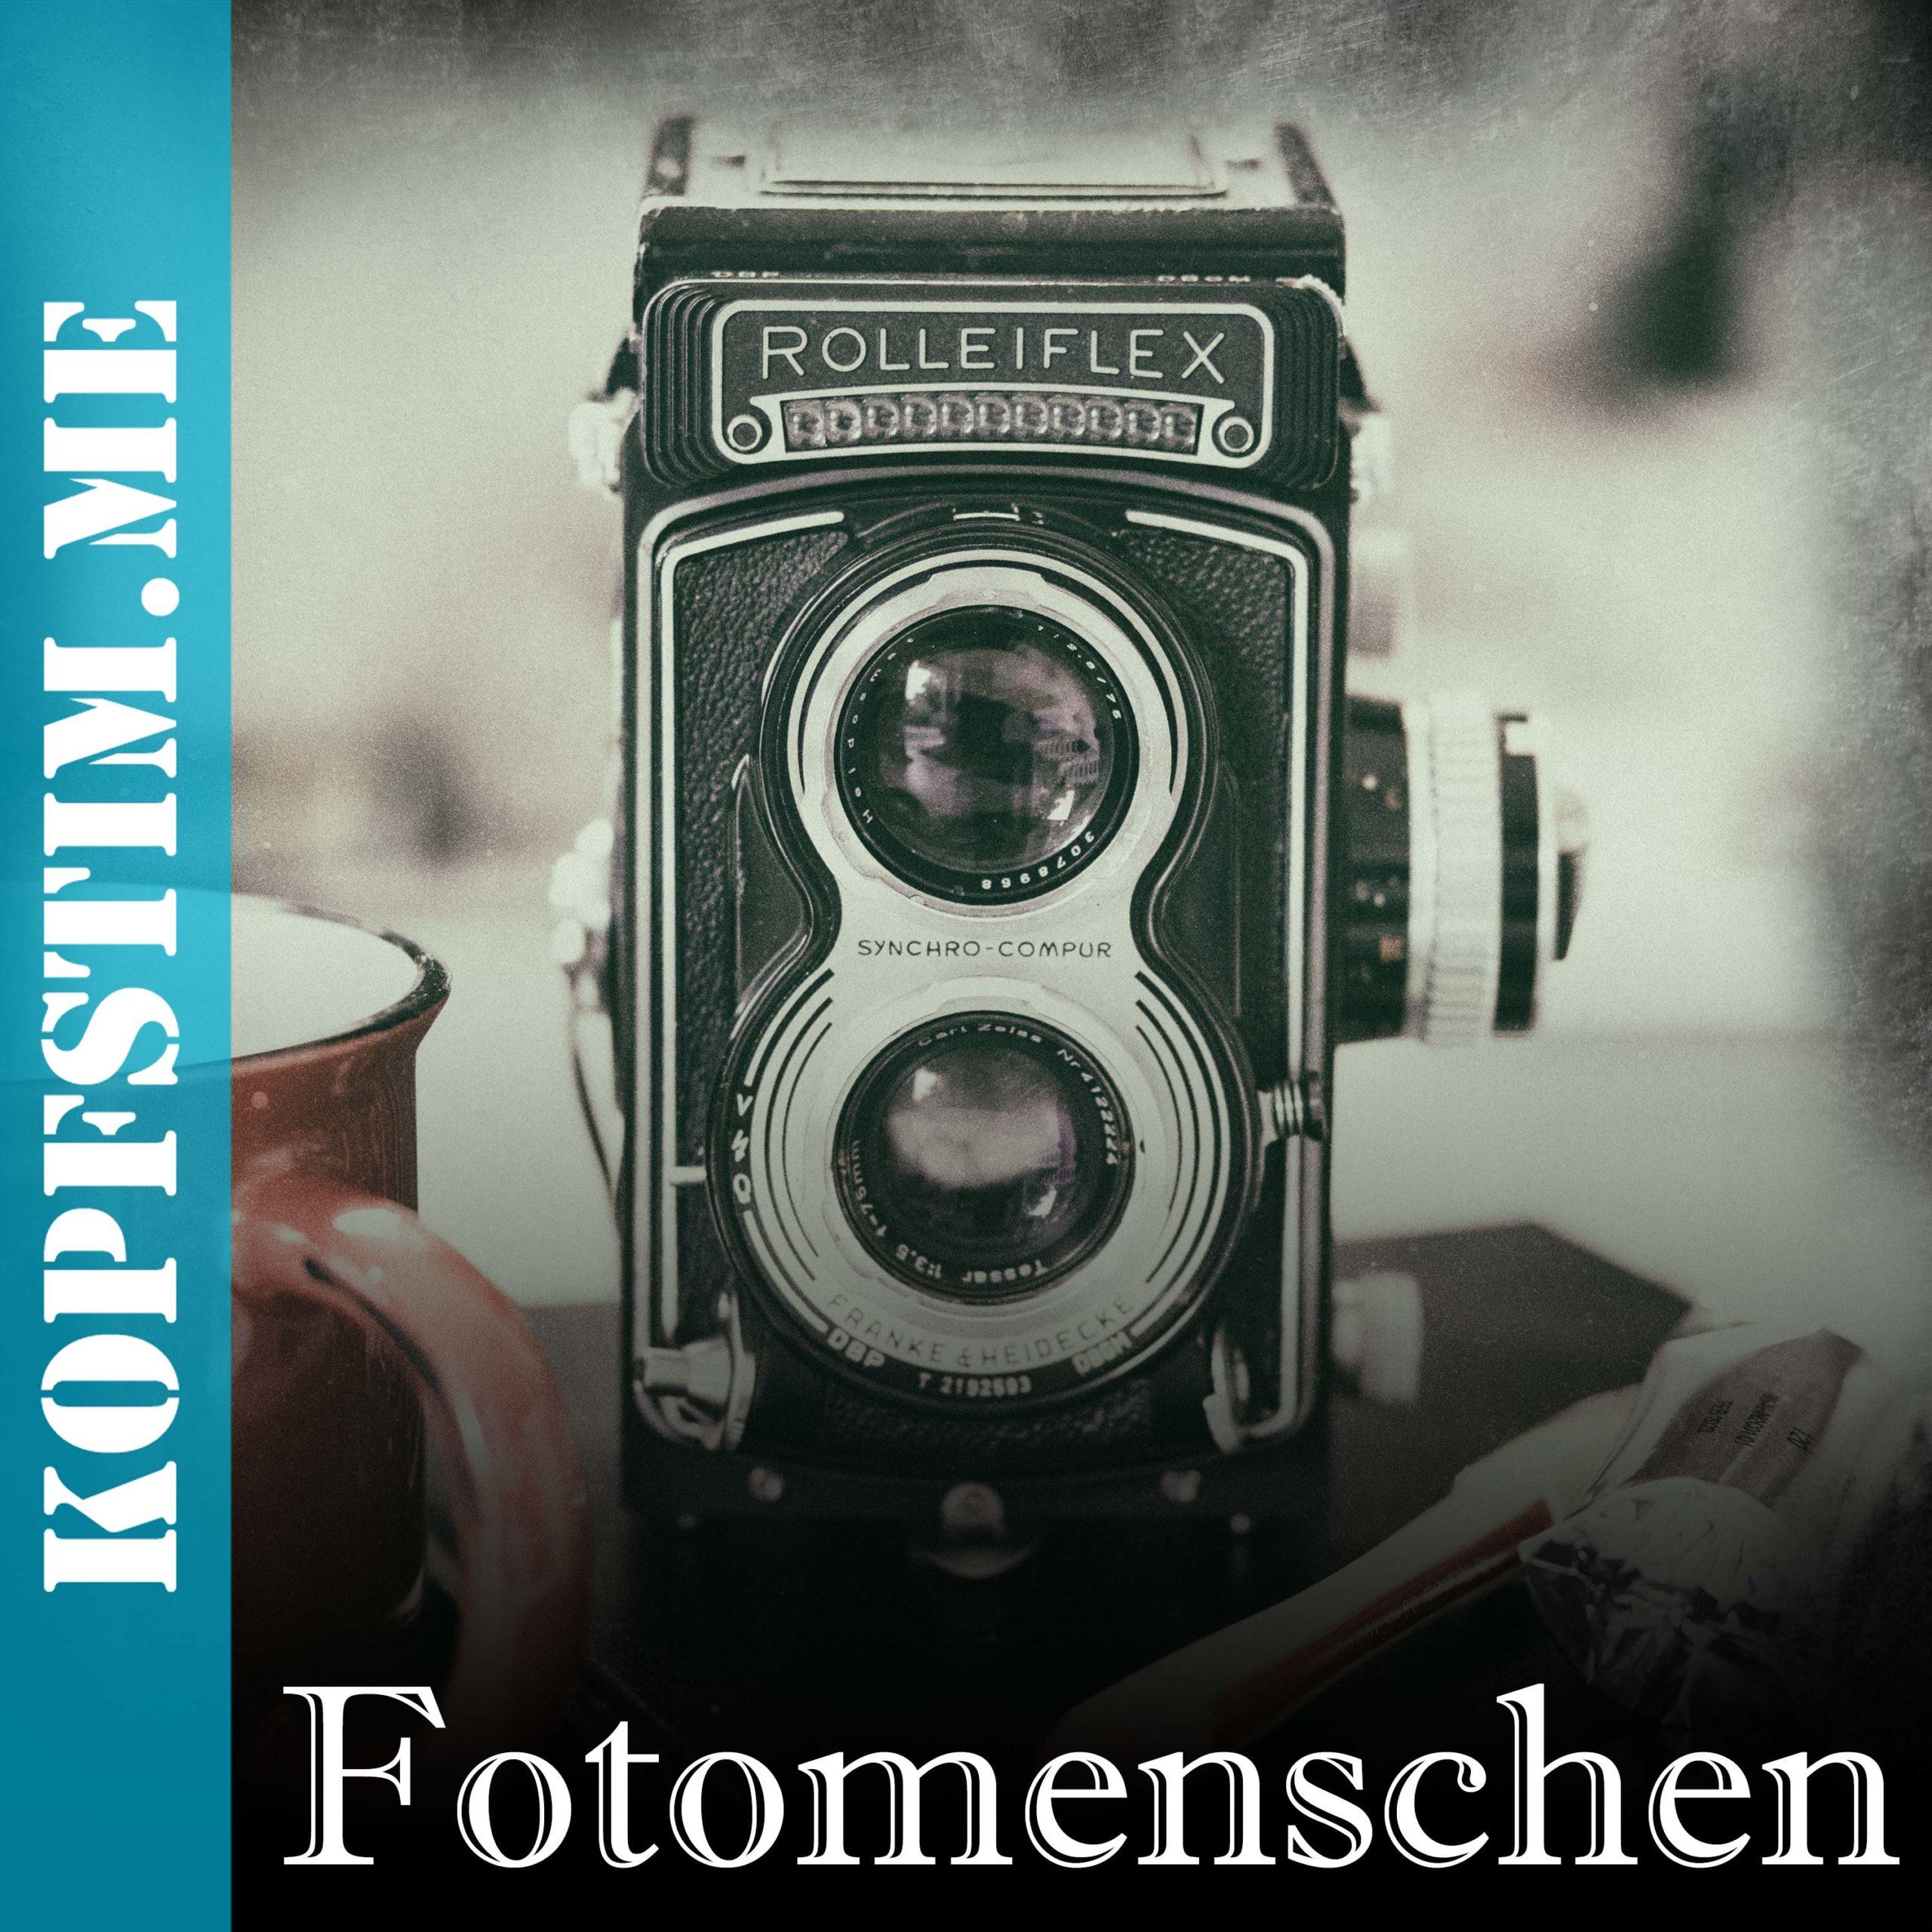 Fotomenschen